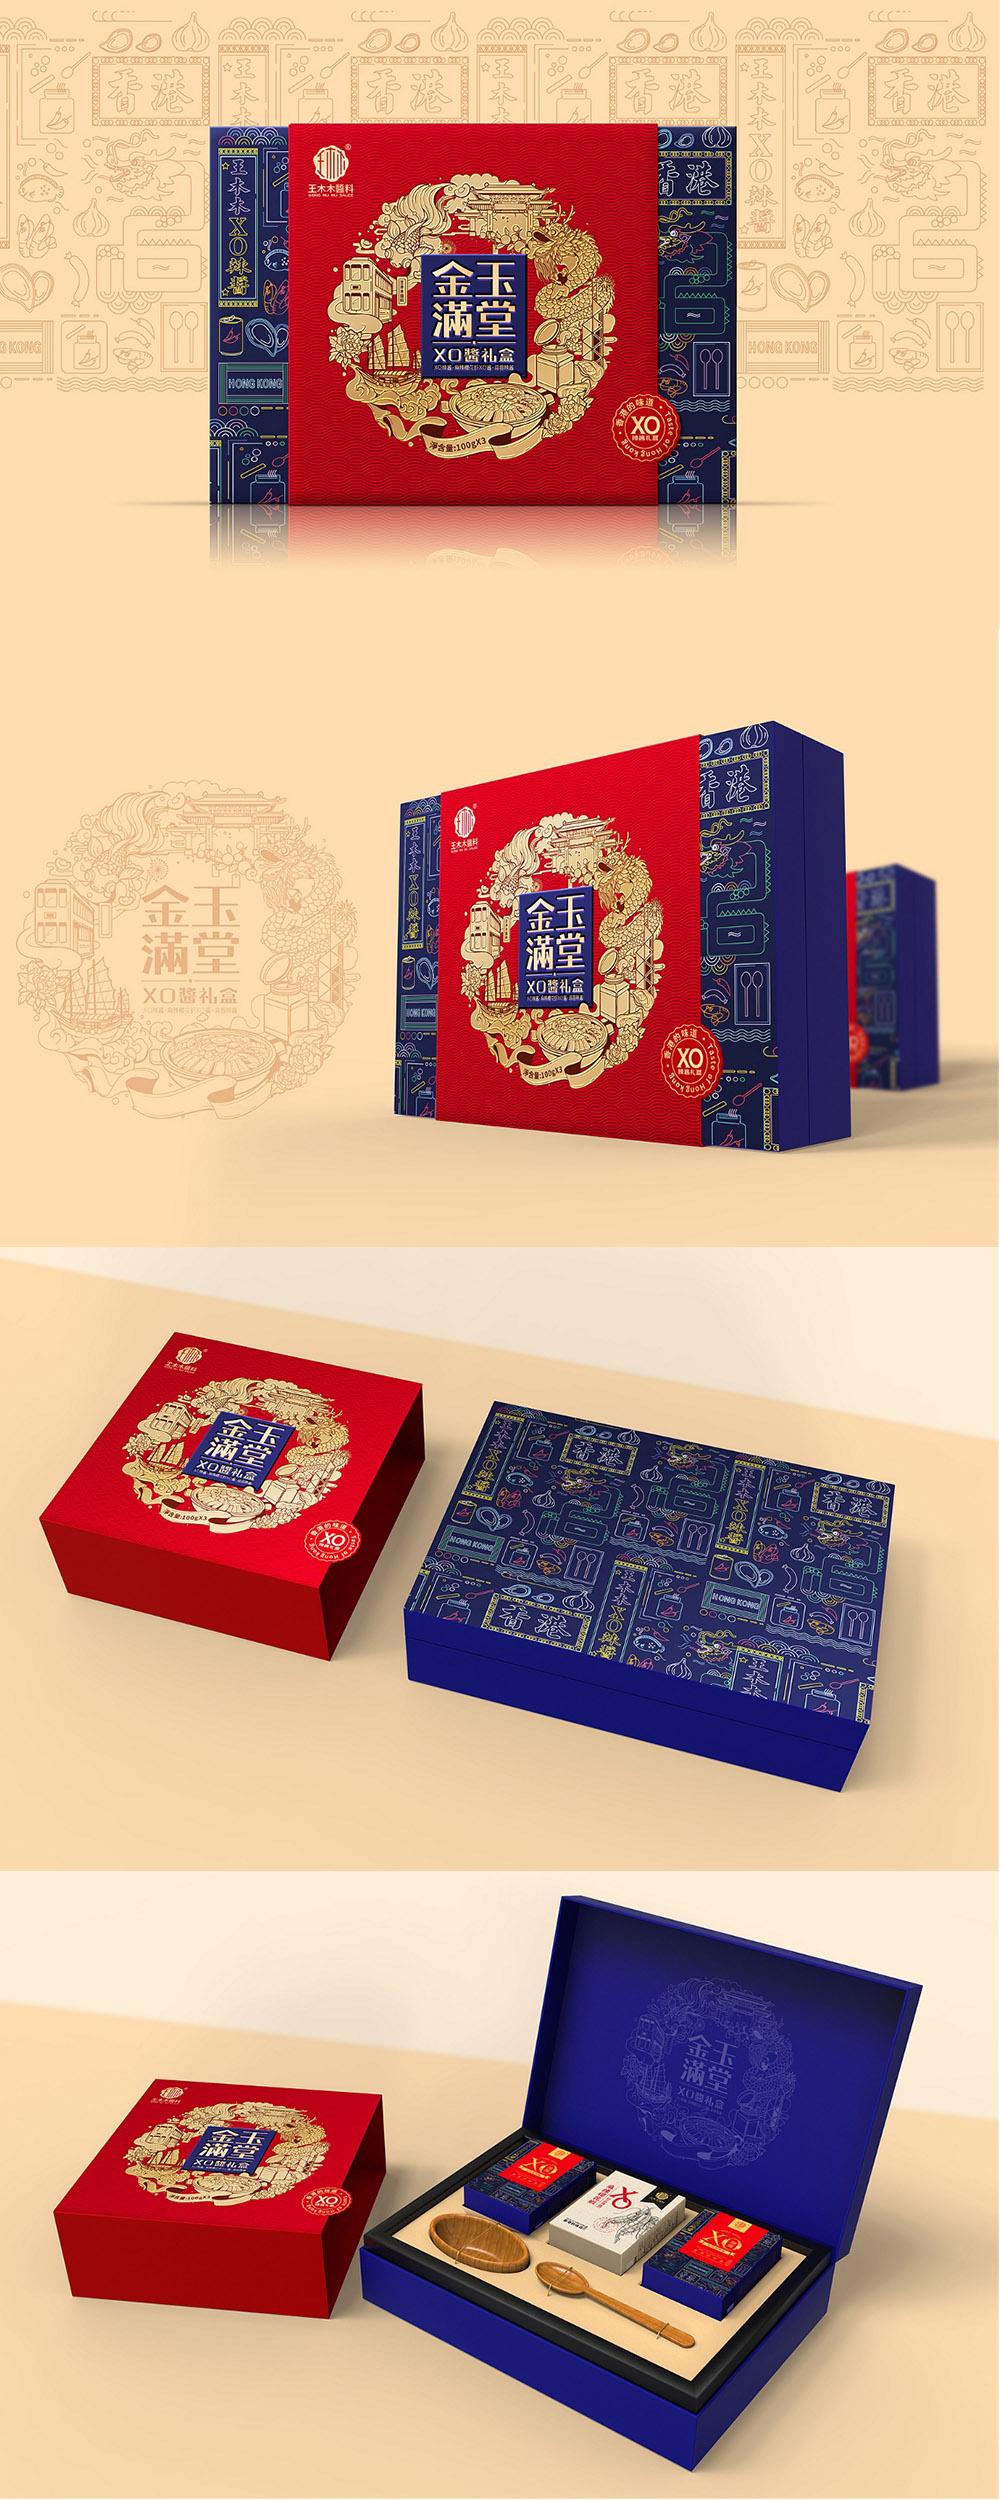 金玉满堂-新年包装礼盒-详情页.jpg